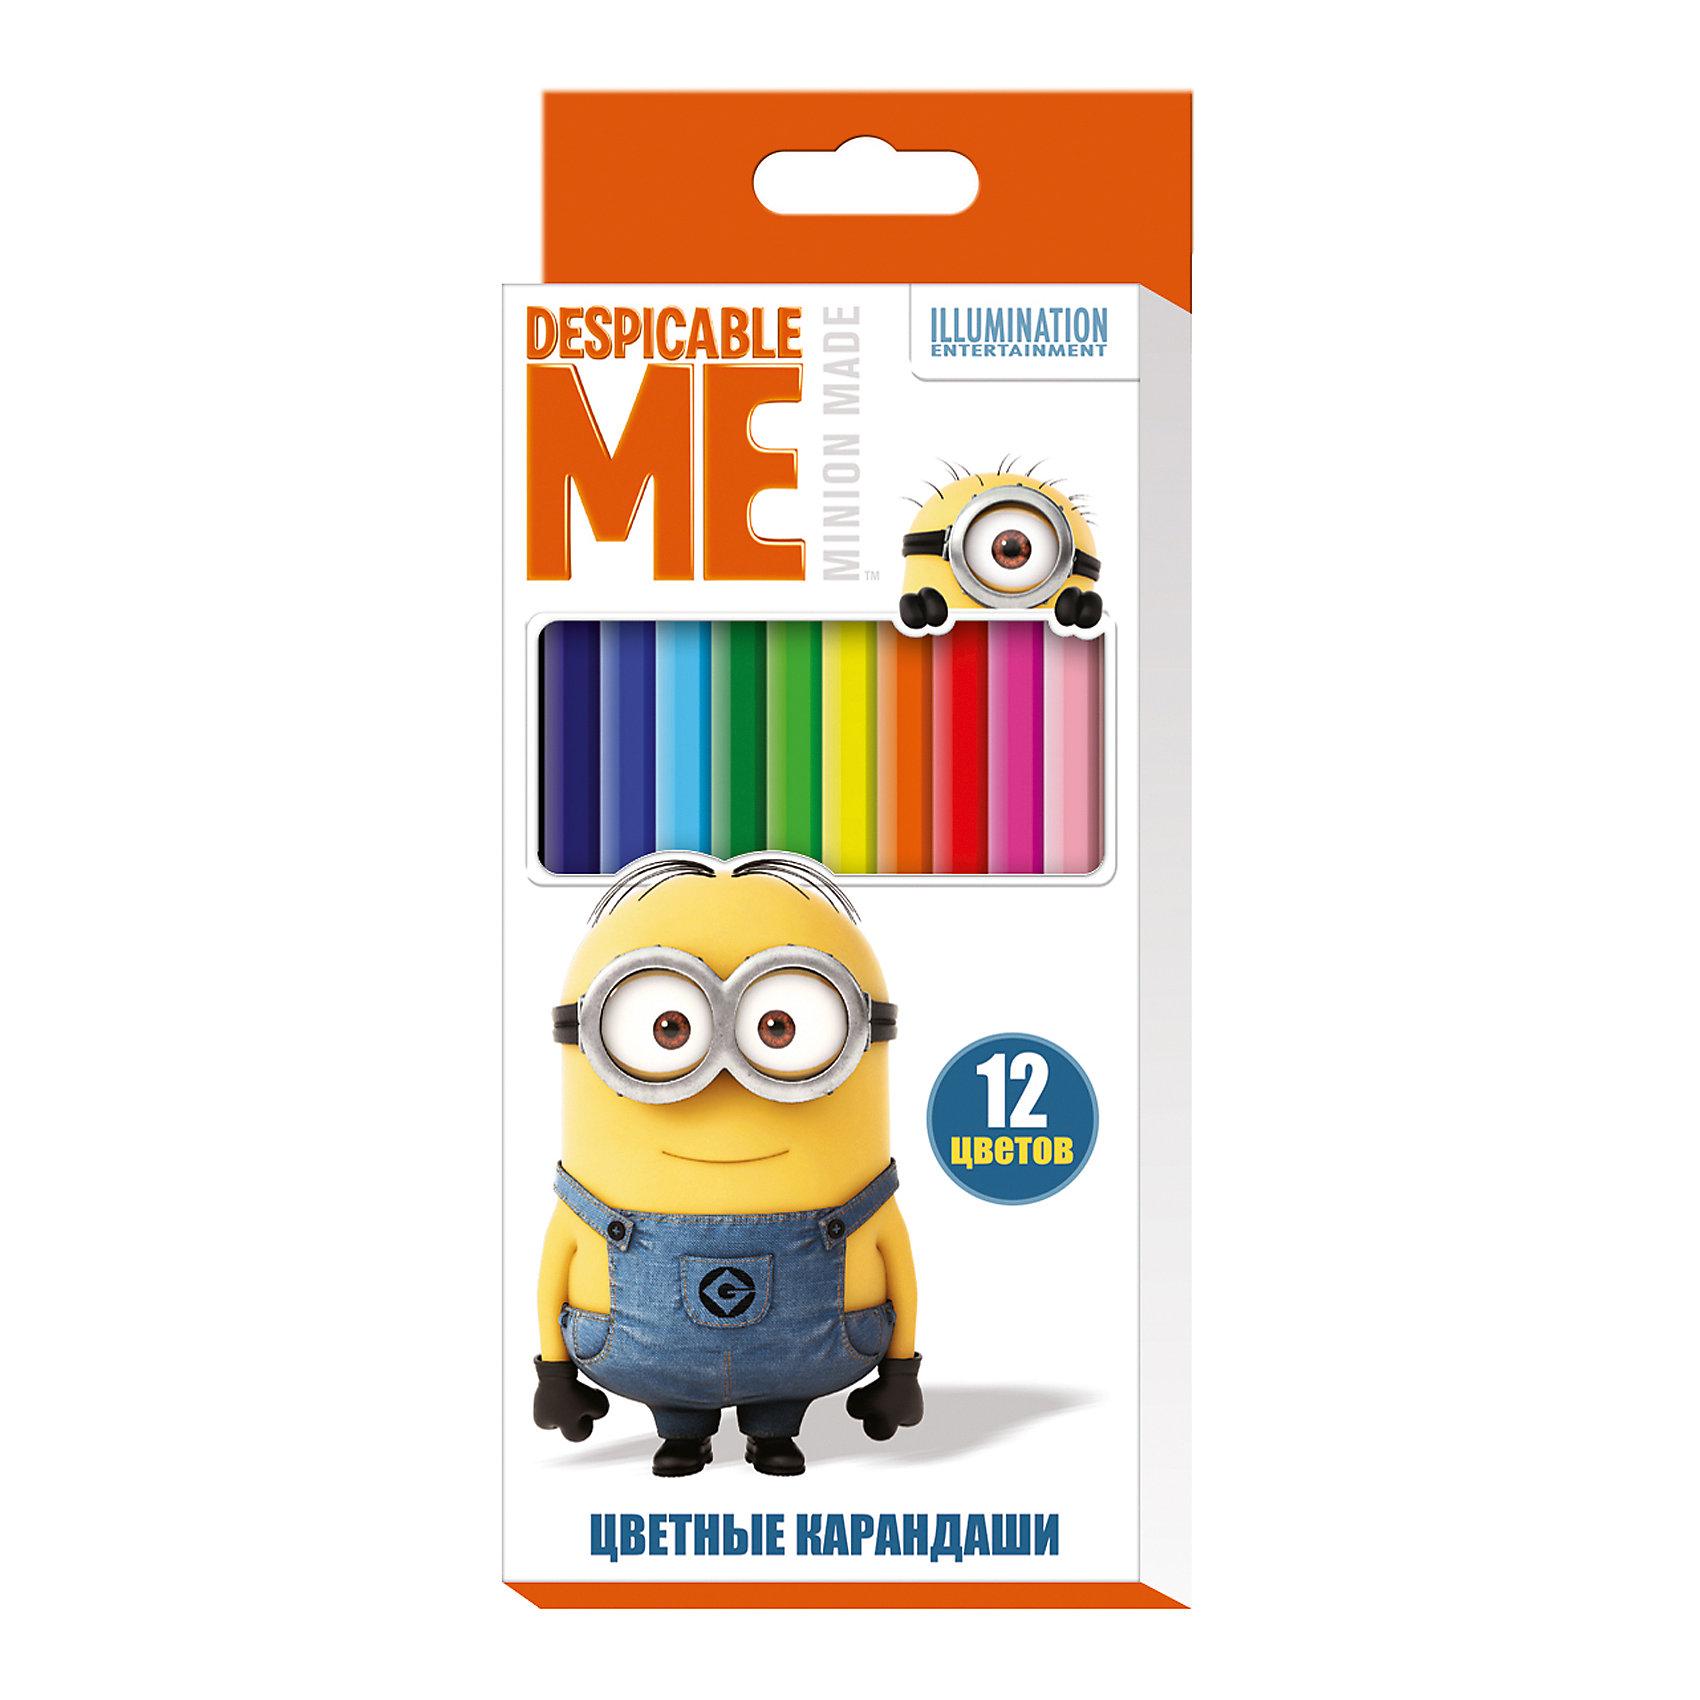 Цветные карандаши, 12 цветов, Гадкий ЯЯркие карандаши ТМ Despicable Me © Universal Studios помогут маленькому художнику создавать красивые картинки, а любимые герои вдохновят малыша на новые интересные идеи. В набор входит 12 цветных мягких и одновременно прочных карандашей, идеально подходящих для рисования, письма и раскрашивания. Яркие линии получаются без сильного нажима. Благодаря высококачественной древесине, карандаши легко затачиваются. Прочный грифель не крошится при падении и не ломается при заточке. Состав: древесина, цветной грифель. Срок годности не ограничен.<br><br>Ширина мм: 177<br>Глубина мм: 90<br>Высота мм: 80<br>Вес г: 77<br>Возраст от месяцев: 36<br>Возраст до месяцев: 2147483647<br>Пол: Унисекс<br>Возраст: Детский<br>SKU: 5453333